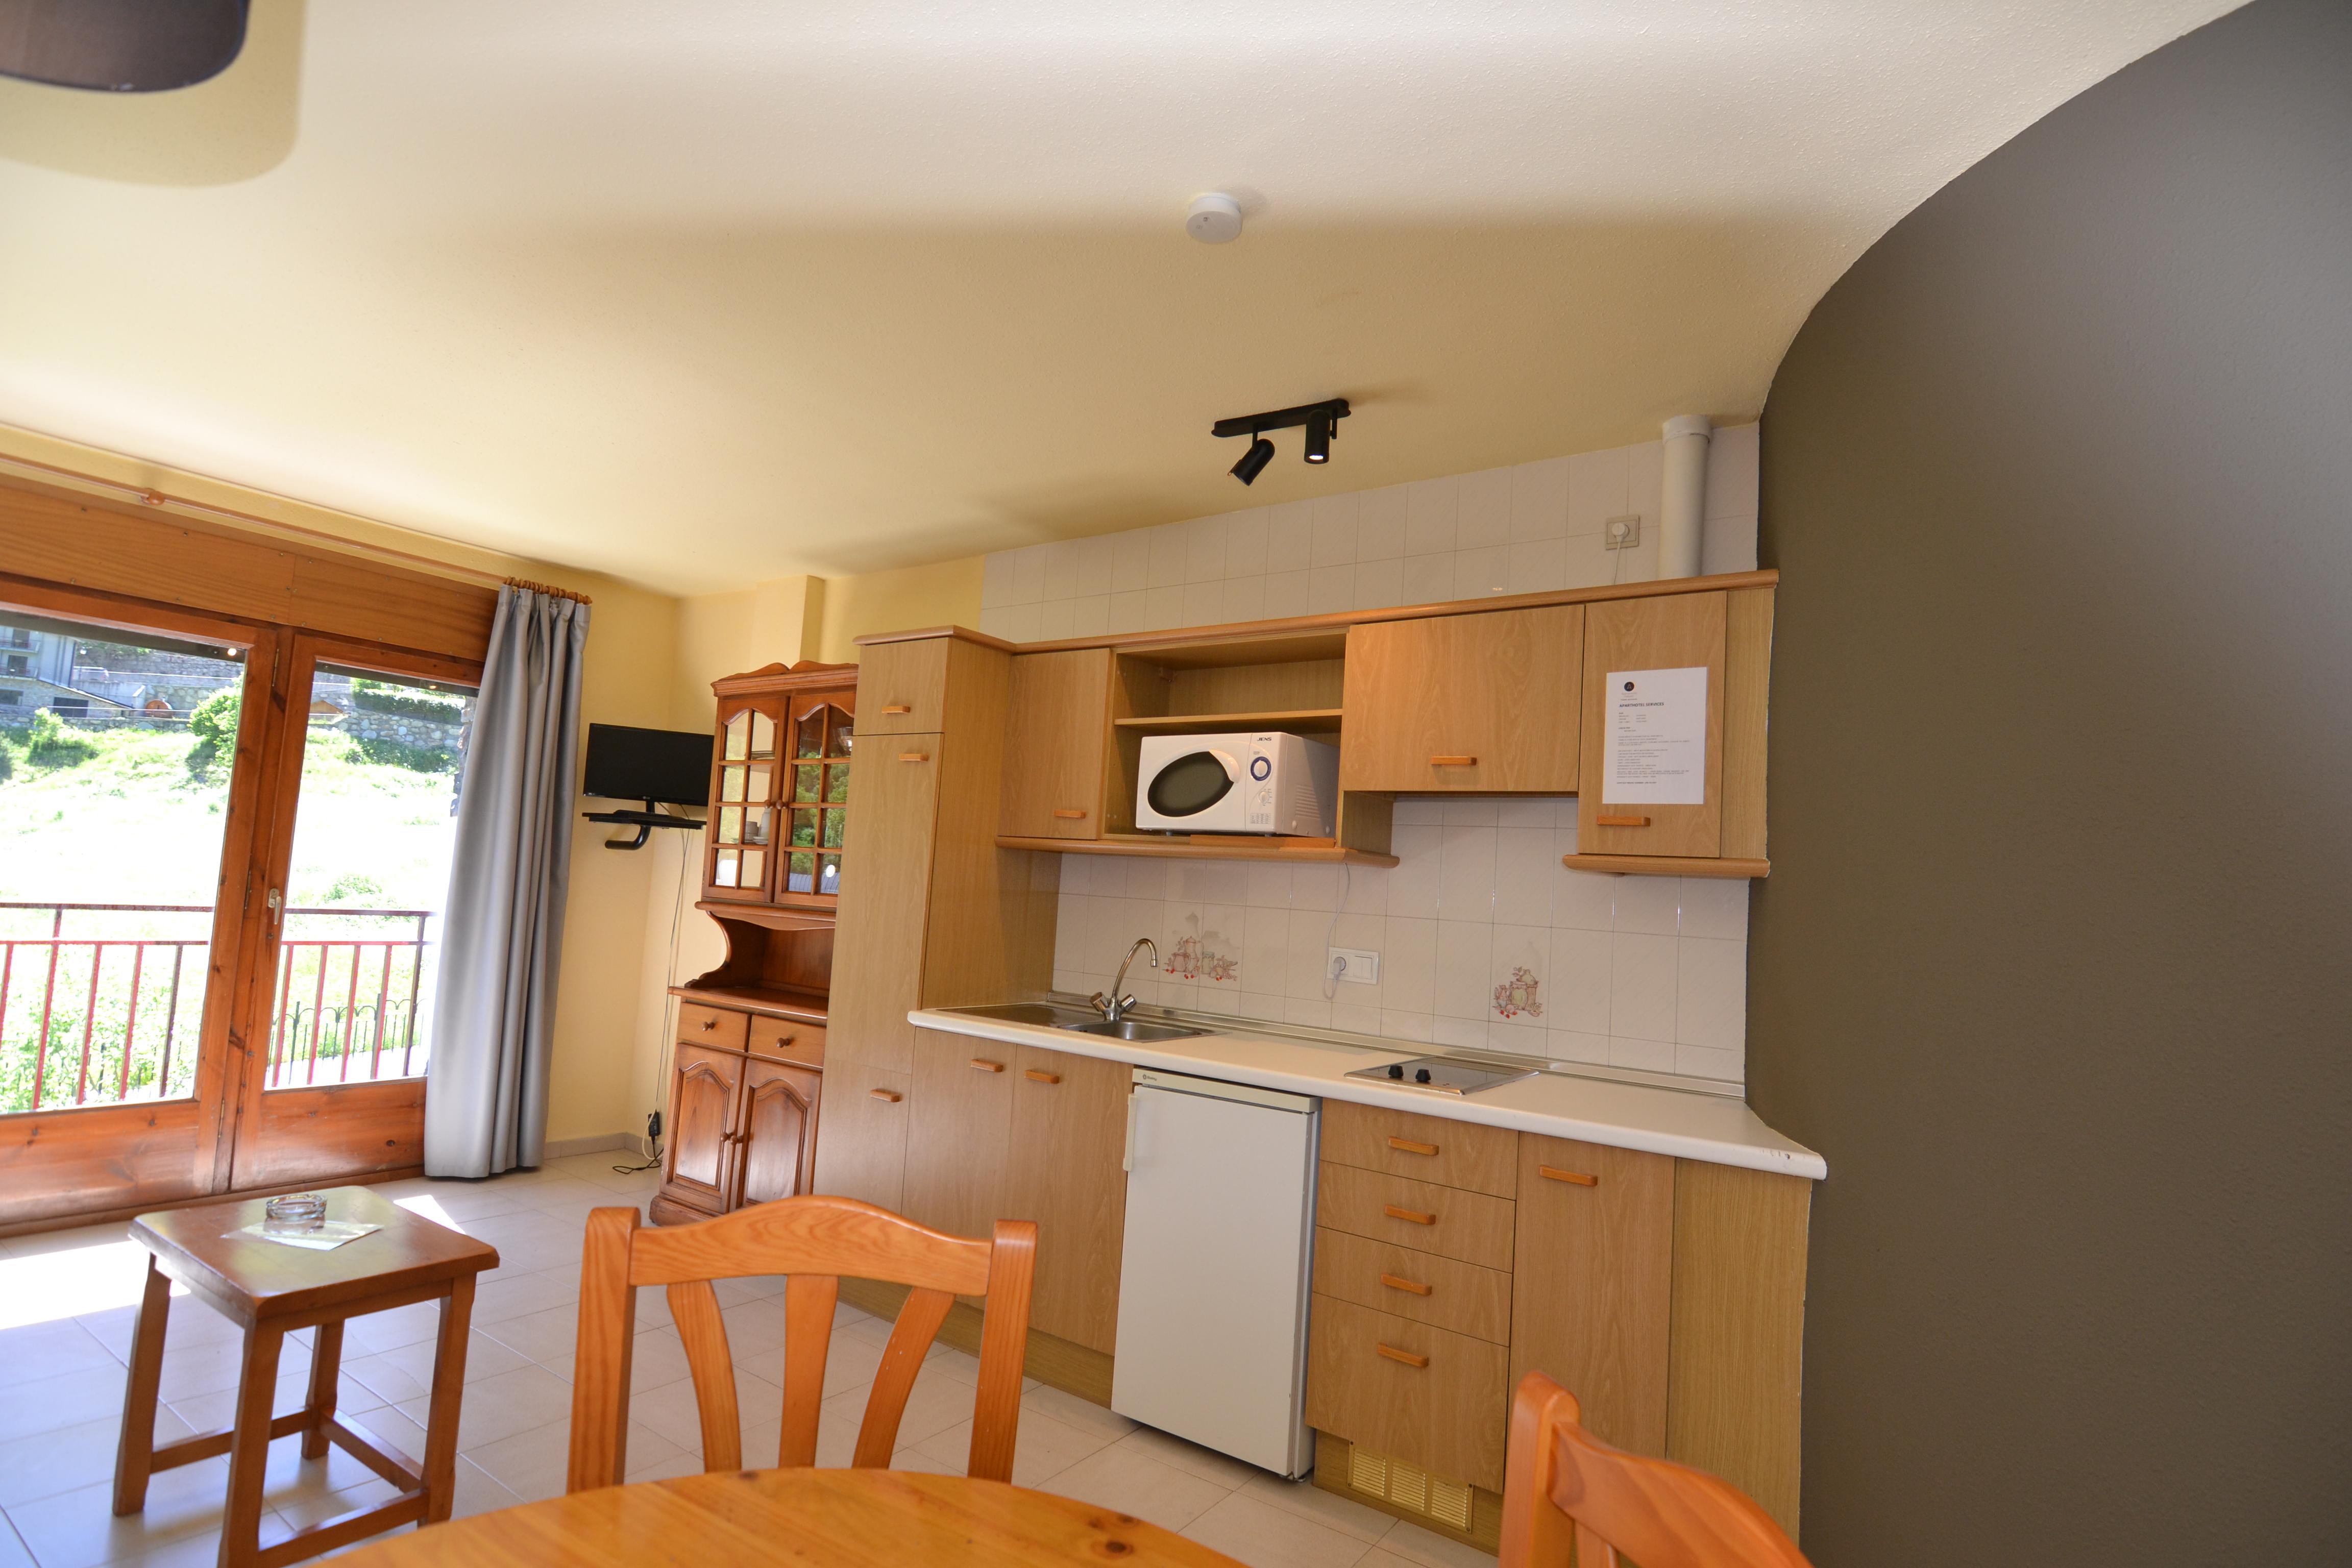 apartaments_poblado_arinsal_vallnord_4_personas13.jpg